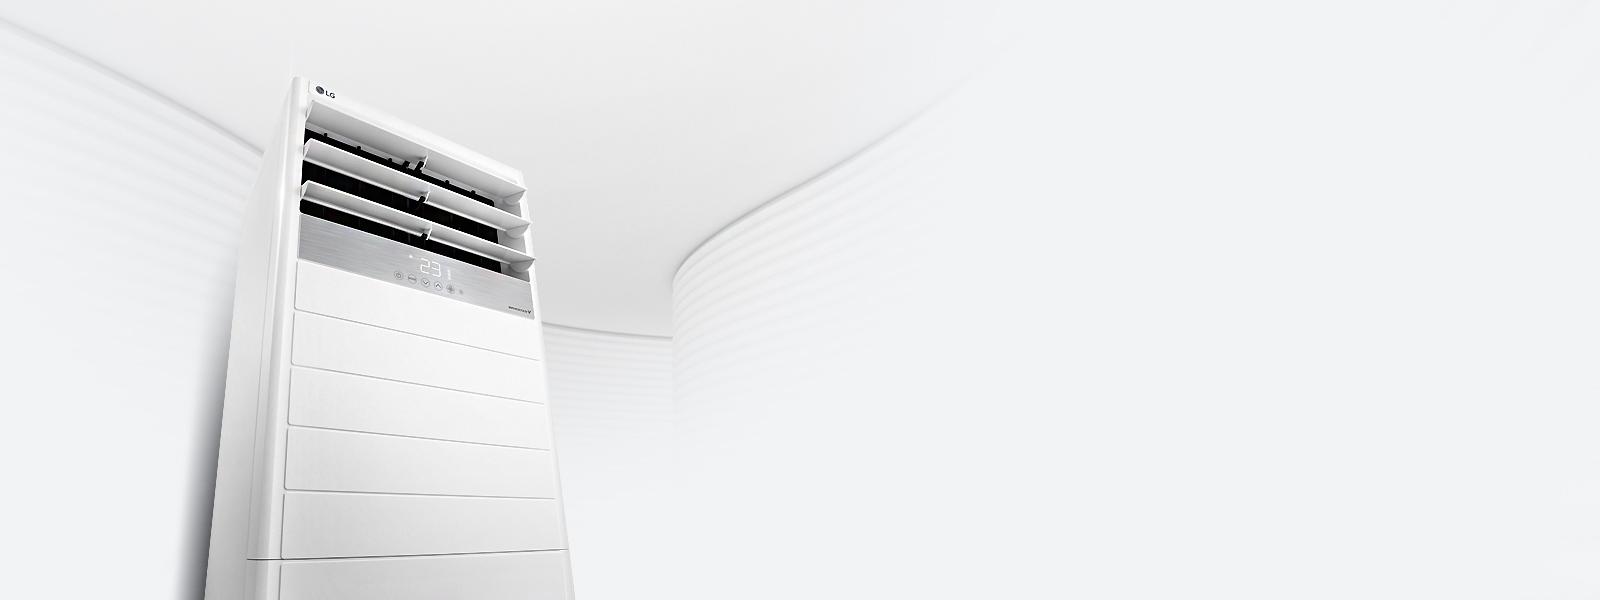 کولر گازی ایستاده ال جی مدل ۵۰۰۰۰ APW50GT۳EO | فروشگاه Nepler